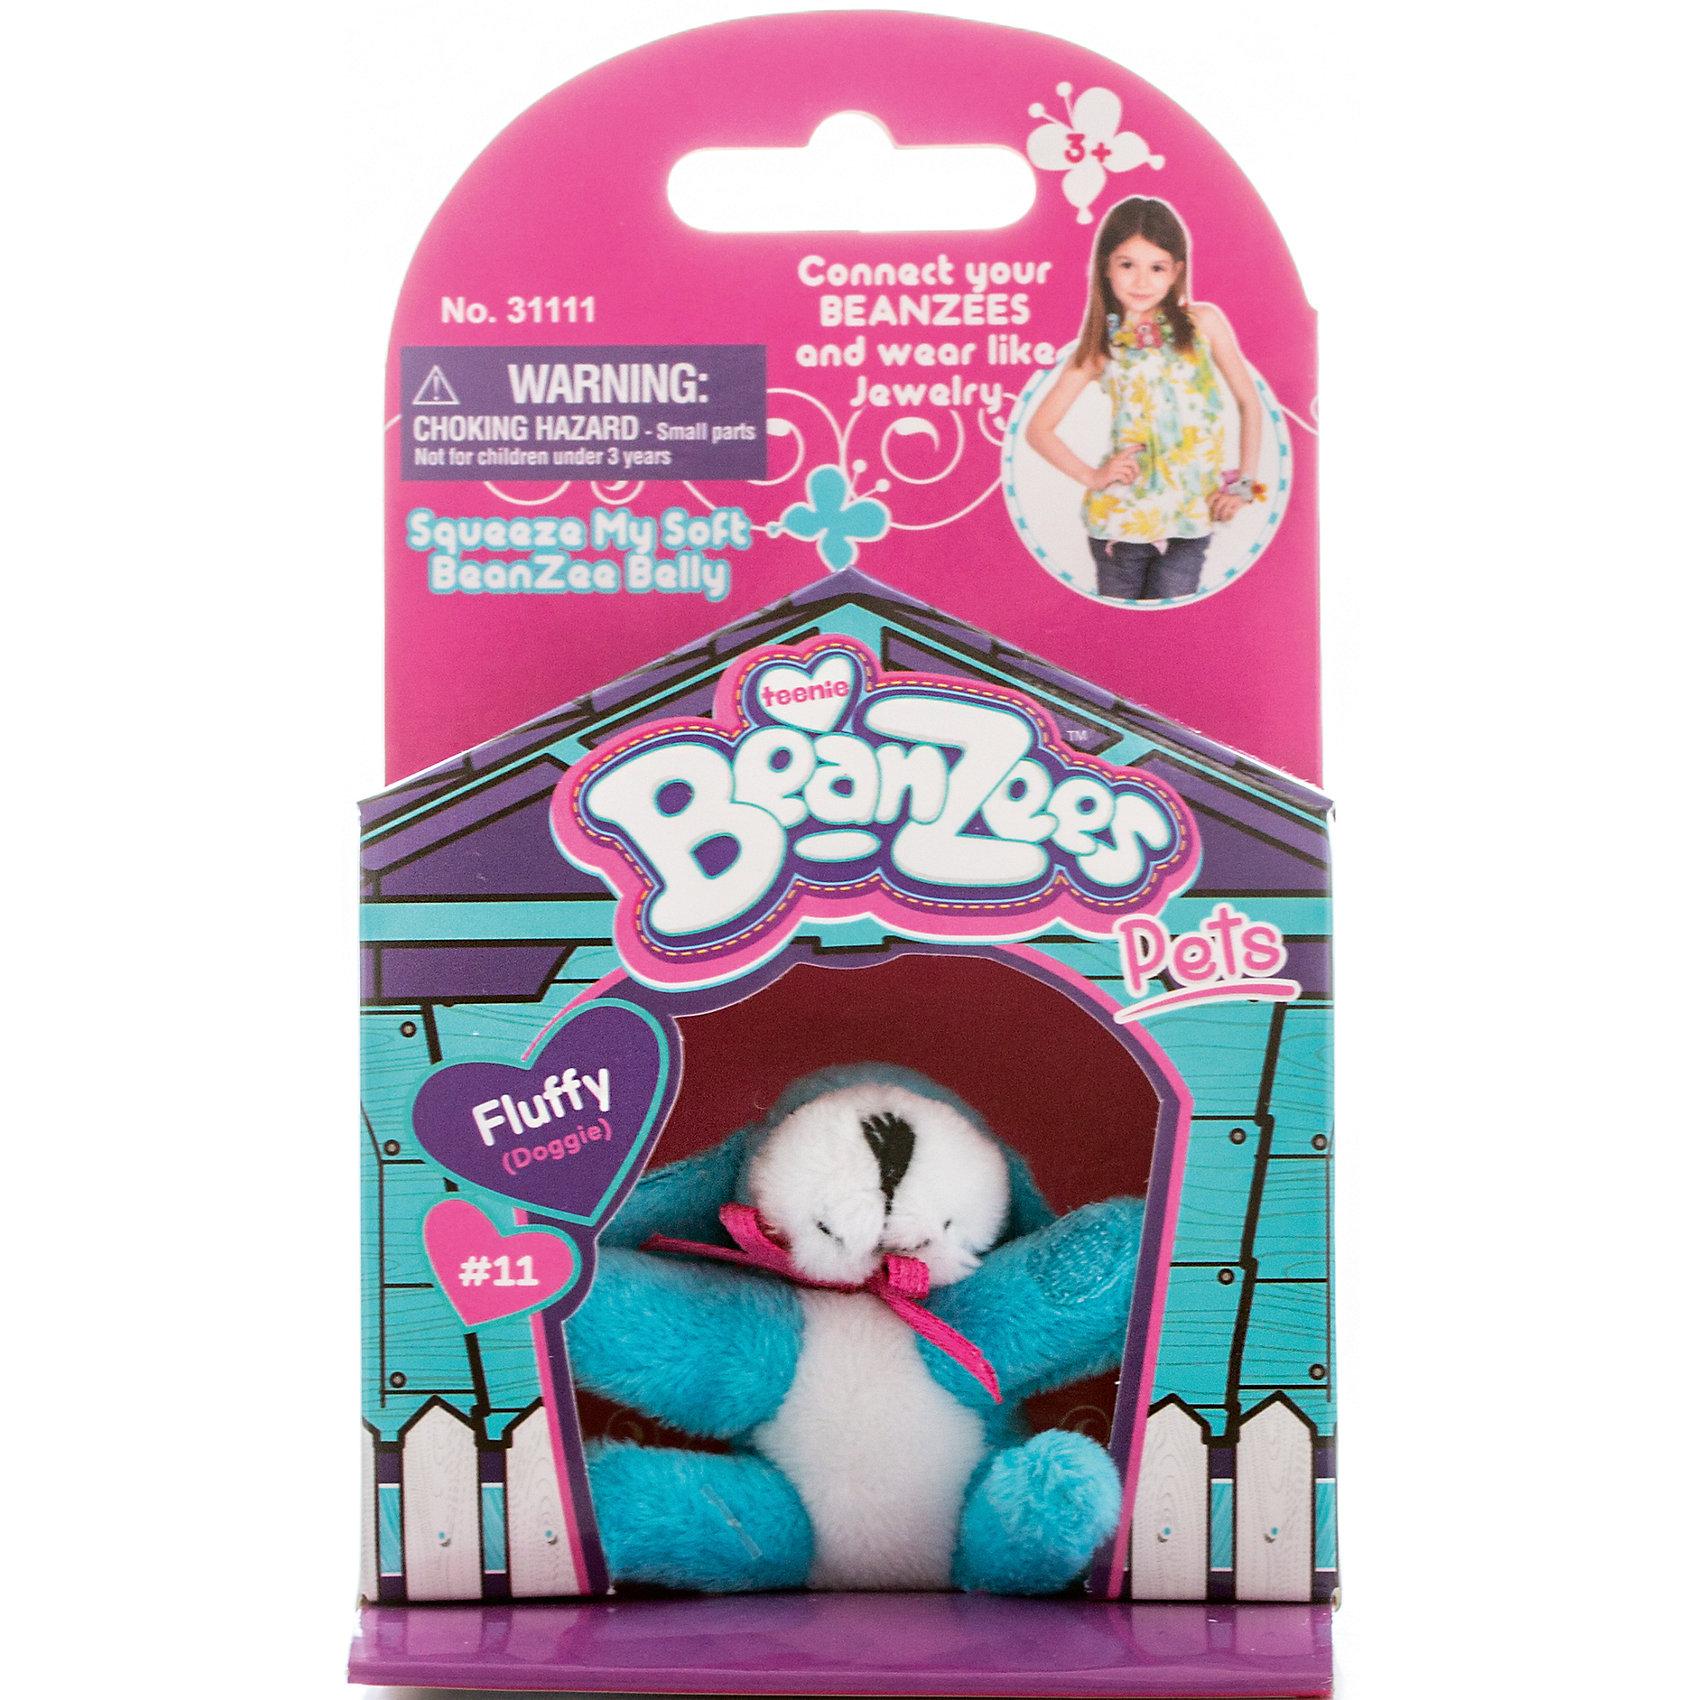 Мини-плюш Голубая собака, BeanzeezЗвери и птицы<br>Характеристики товара:<br><br>• цвет: голубой<br>• особенности: наличие на лапках липучек, игрушку можно соединять с другими героями из серии<br>• материал: пластик, текстиль<br>• размер упаковки: 9х5,5х14,5 см.<br>• высота игрушки: 5 см<br>• возраст: от 3 лет<br>• страна бренда: США<br>• страна производства: Китай<br><br>Такая симпатичная игрушка не оставит ребенка равнодушным! Какой малыш откажется поиграть с маленькими плюшевыми игрушками из большой пушистой коллекции?! Игрушки очень качественно выполнены, поэтому такая фигурка станет отличным подарком ребенку. Благодаря липучкам на лапках животных можно соединить между собой. Дети приходят в восторг от этих игрушек!<br>Такие предметы помогают ребенку отрабатывать новые навыки и способности - развивать ловкость, мелкую моторику, воображение, мышление, логику. Изделие производится из качественных сертифицированных материалов, безопасных даже для самых маленьких.<br><br>Мини-плюш Голубая собака от бренда Beanzeez можно купить в нашем интернет-магазине.<br><br>Ширина мм: 50<br>Глубина мм: 140<br>Высота мм: 85<br>Вес г: 73<br>Возраст от месяцев: 36<br>Возраст до месяцев: 2147483647<br>Пол: Женский<br>Возраст: Детский<br>SKU: 5218681